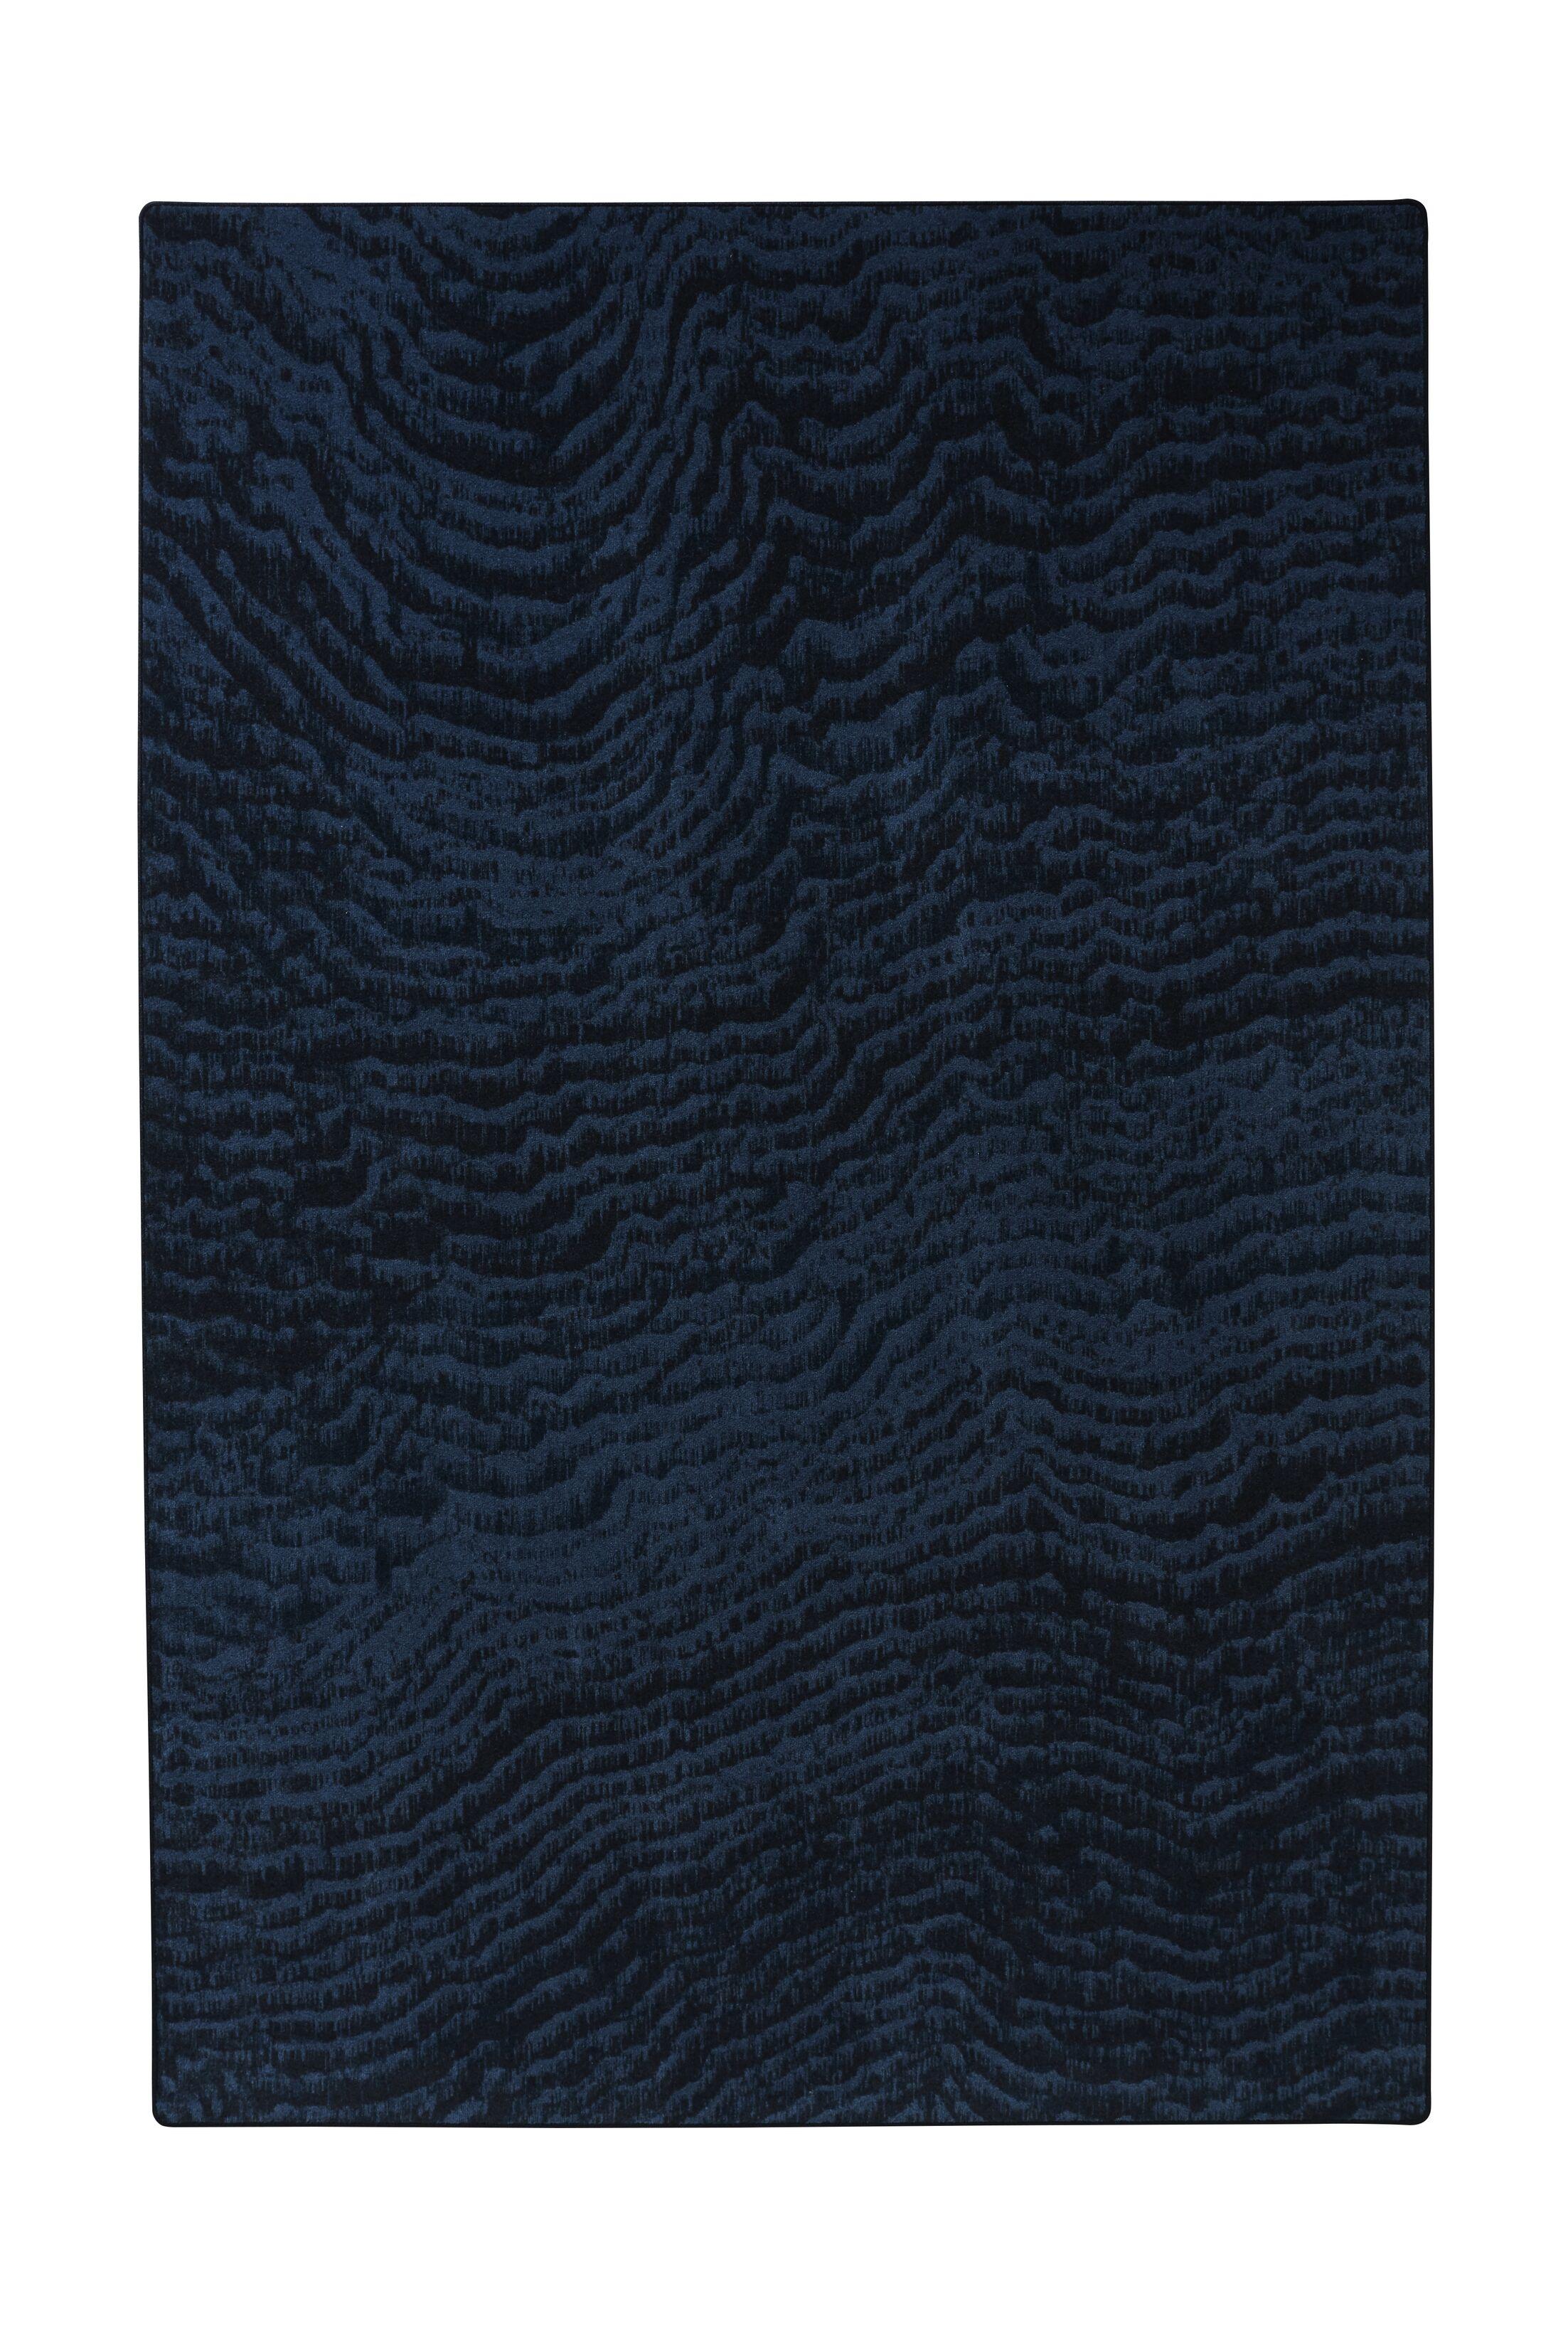 Industrial Landscape Blue/Black/Gray Area Rug Rug Size: Rectangle 6'7